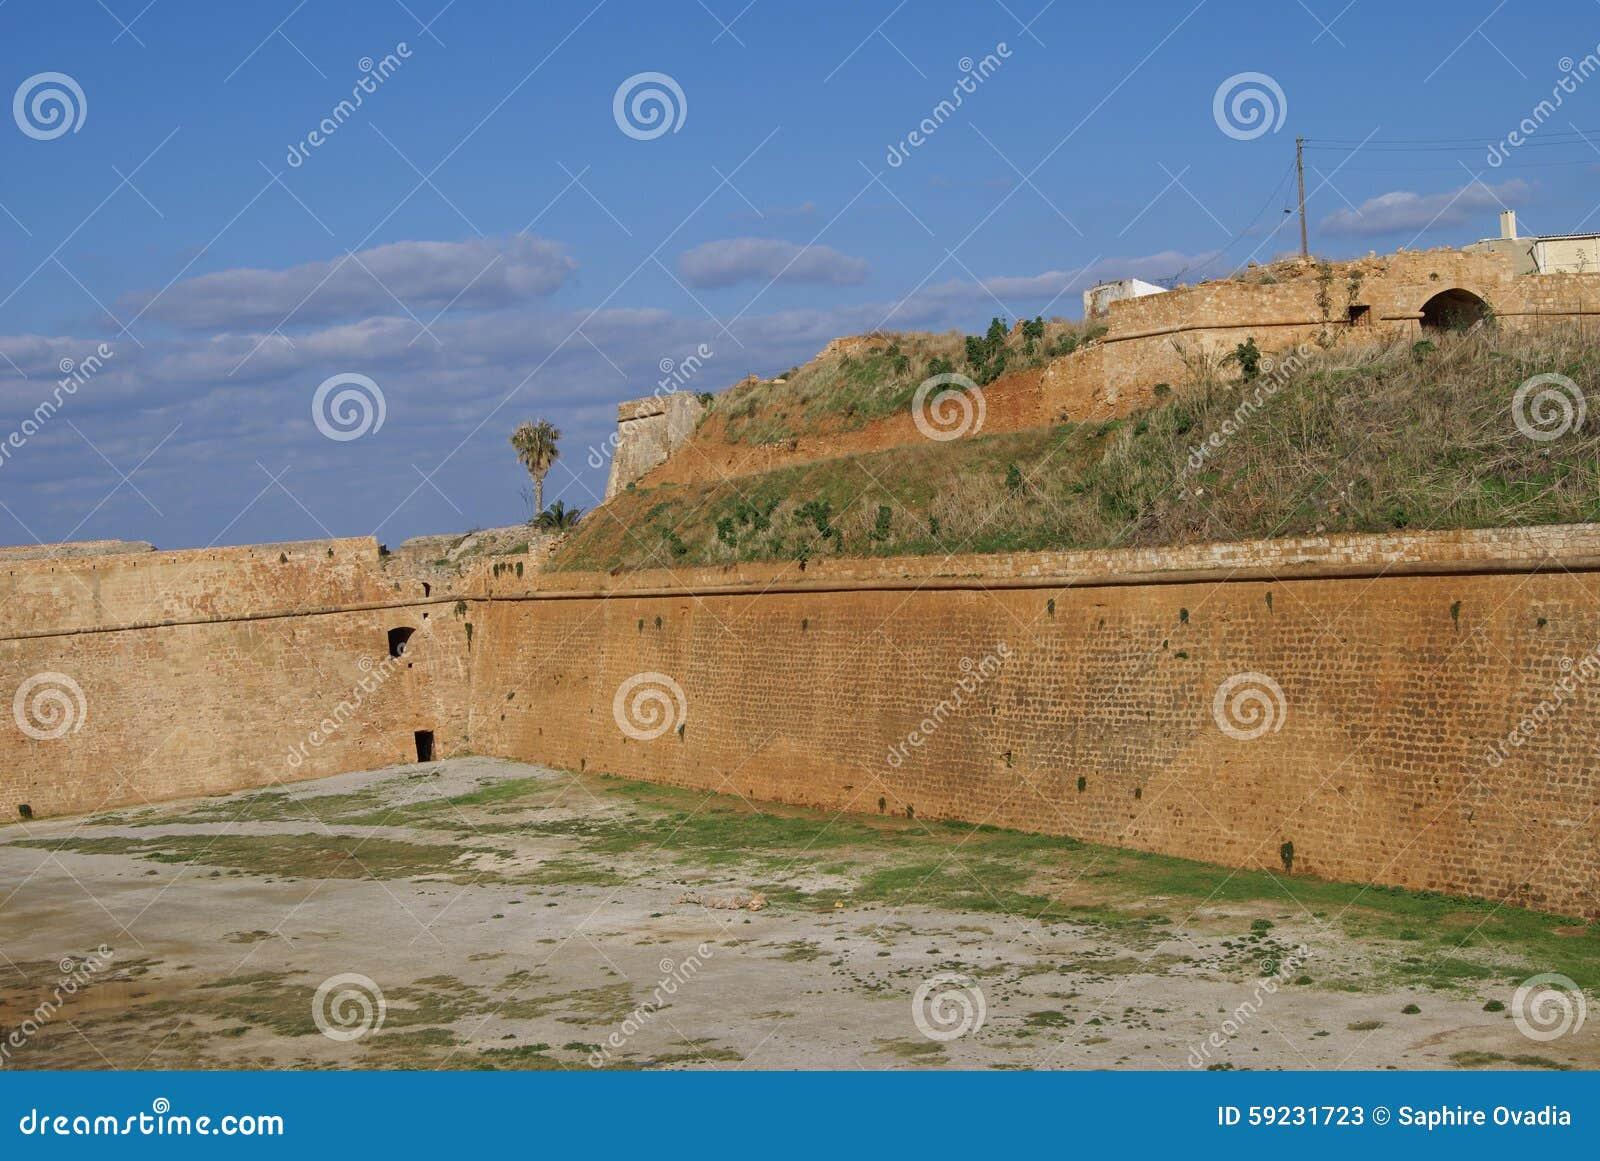 Download Paredes Venecianas Del Fortalecimiento De Chania En Grecia Imagen de archivo - Imagen de viejo, europa: 59231723